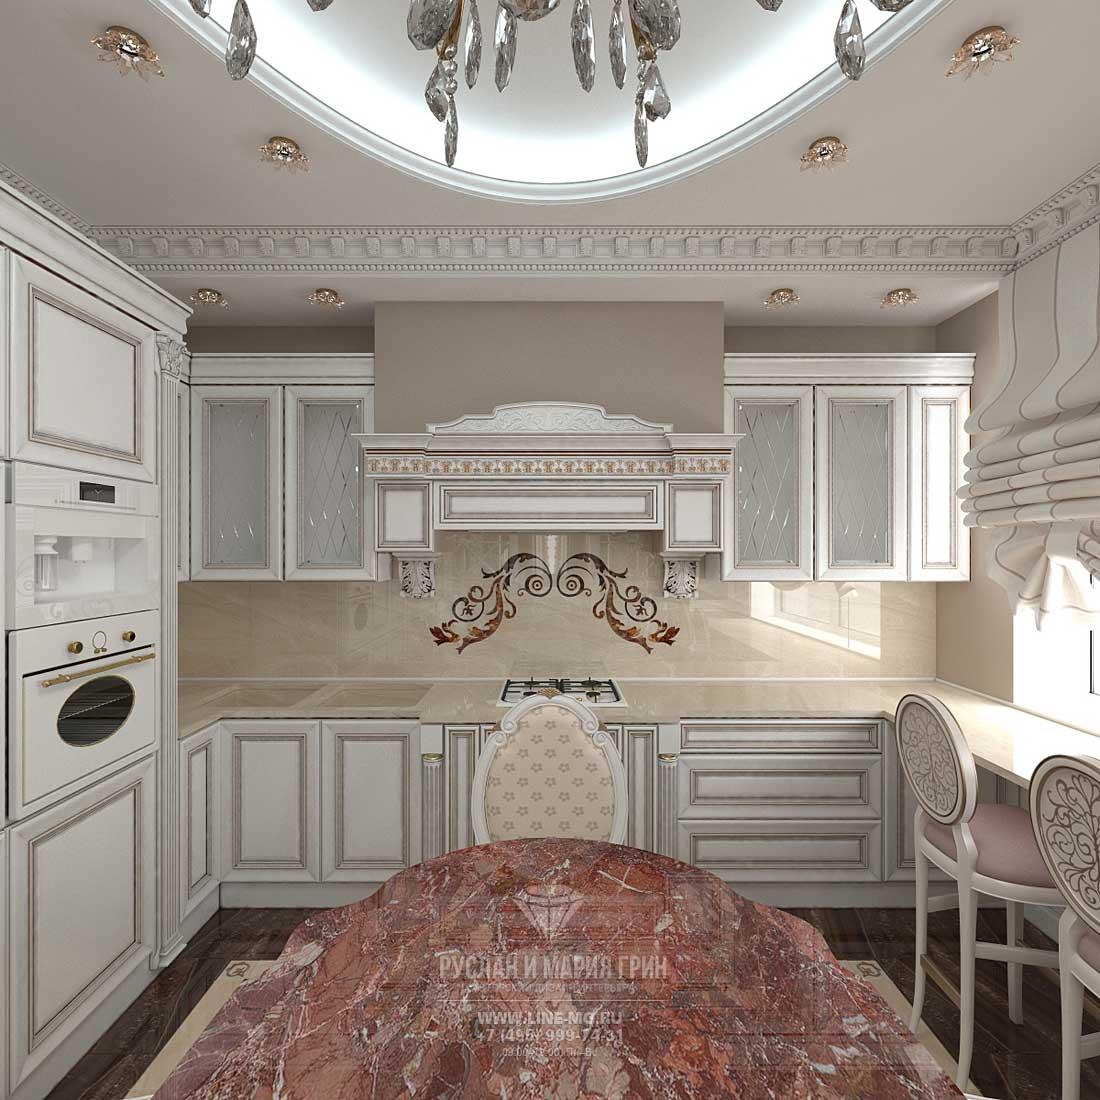 Дизайн кухни-столовой. Фото 2016